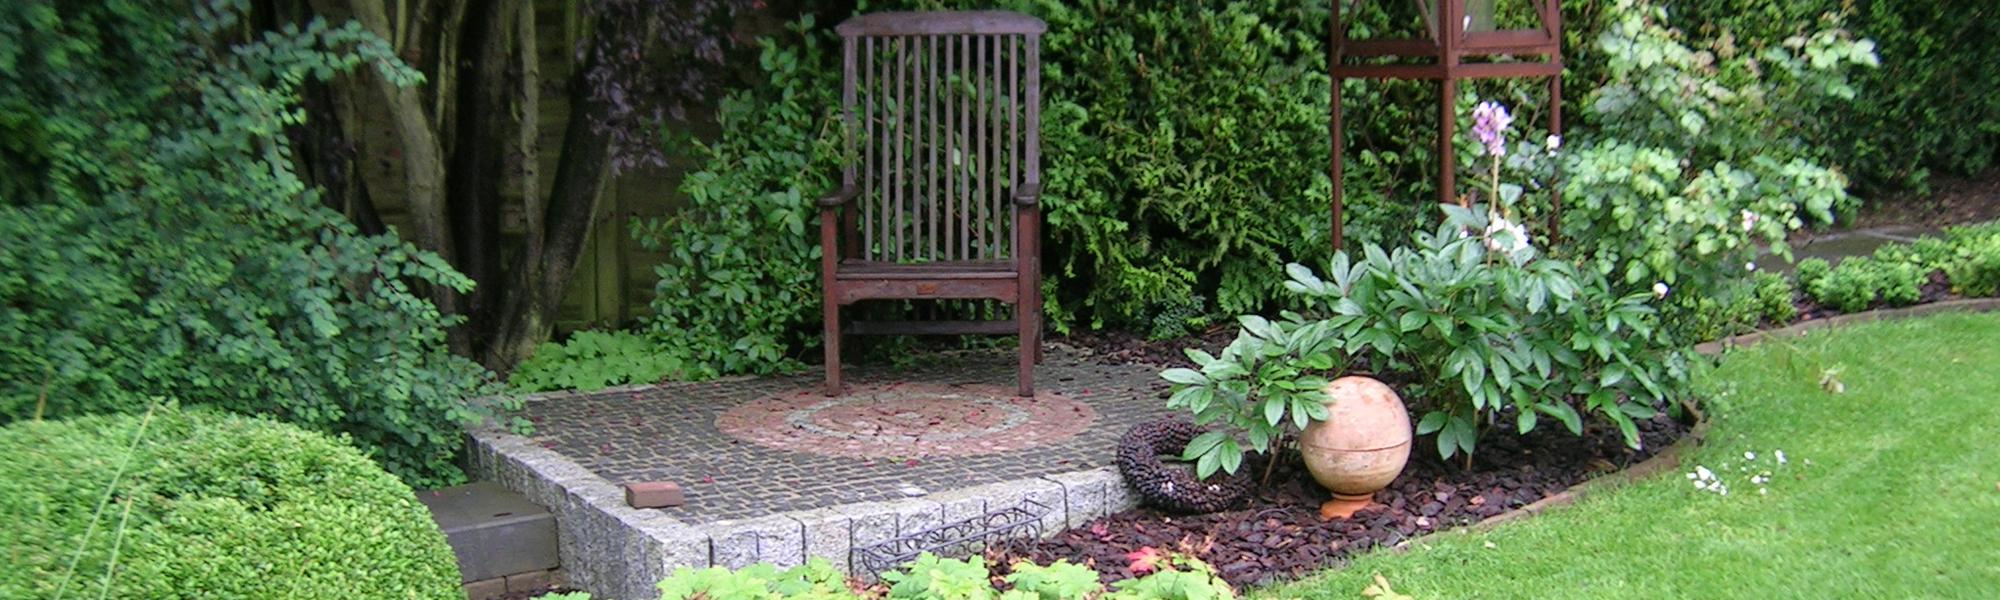 garten und landschaftsbau kramer garten ambiente part 2. Black Bedroom Furniture Sets. Home Design Ideas